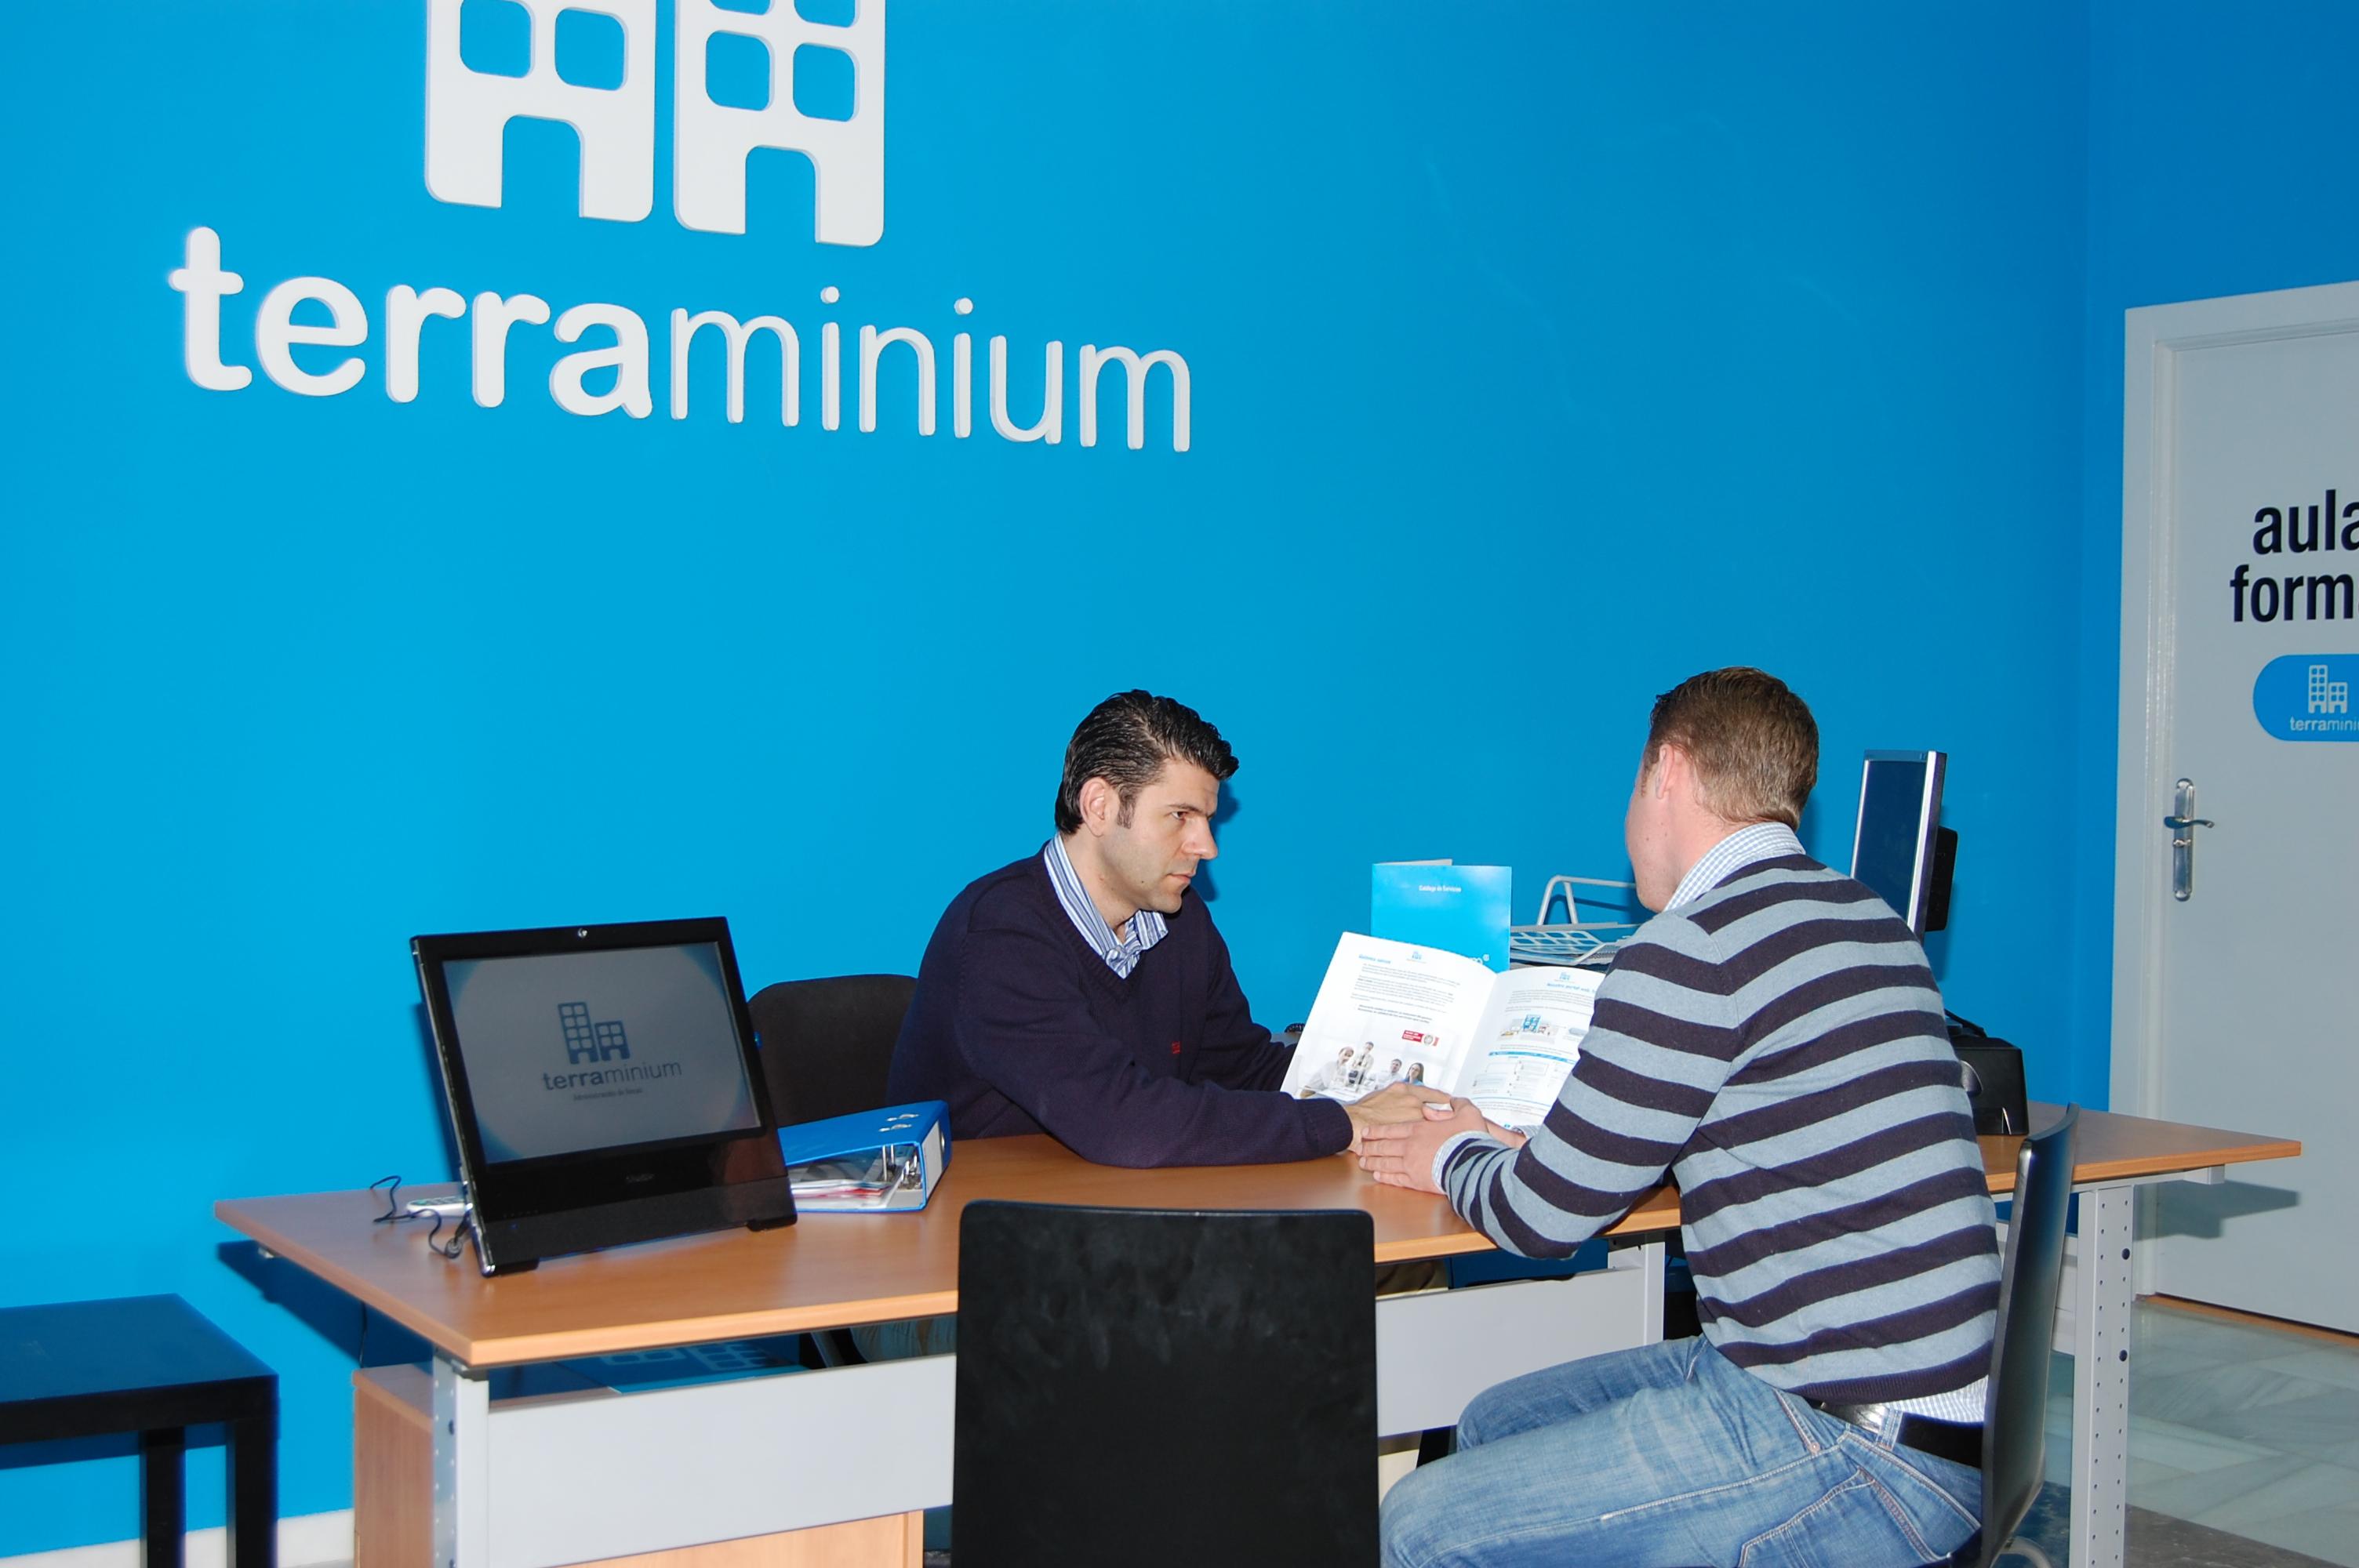 Terraminium terminó el 2011 con 22 nuevos administradores asociados